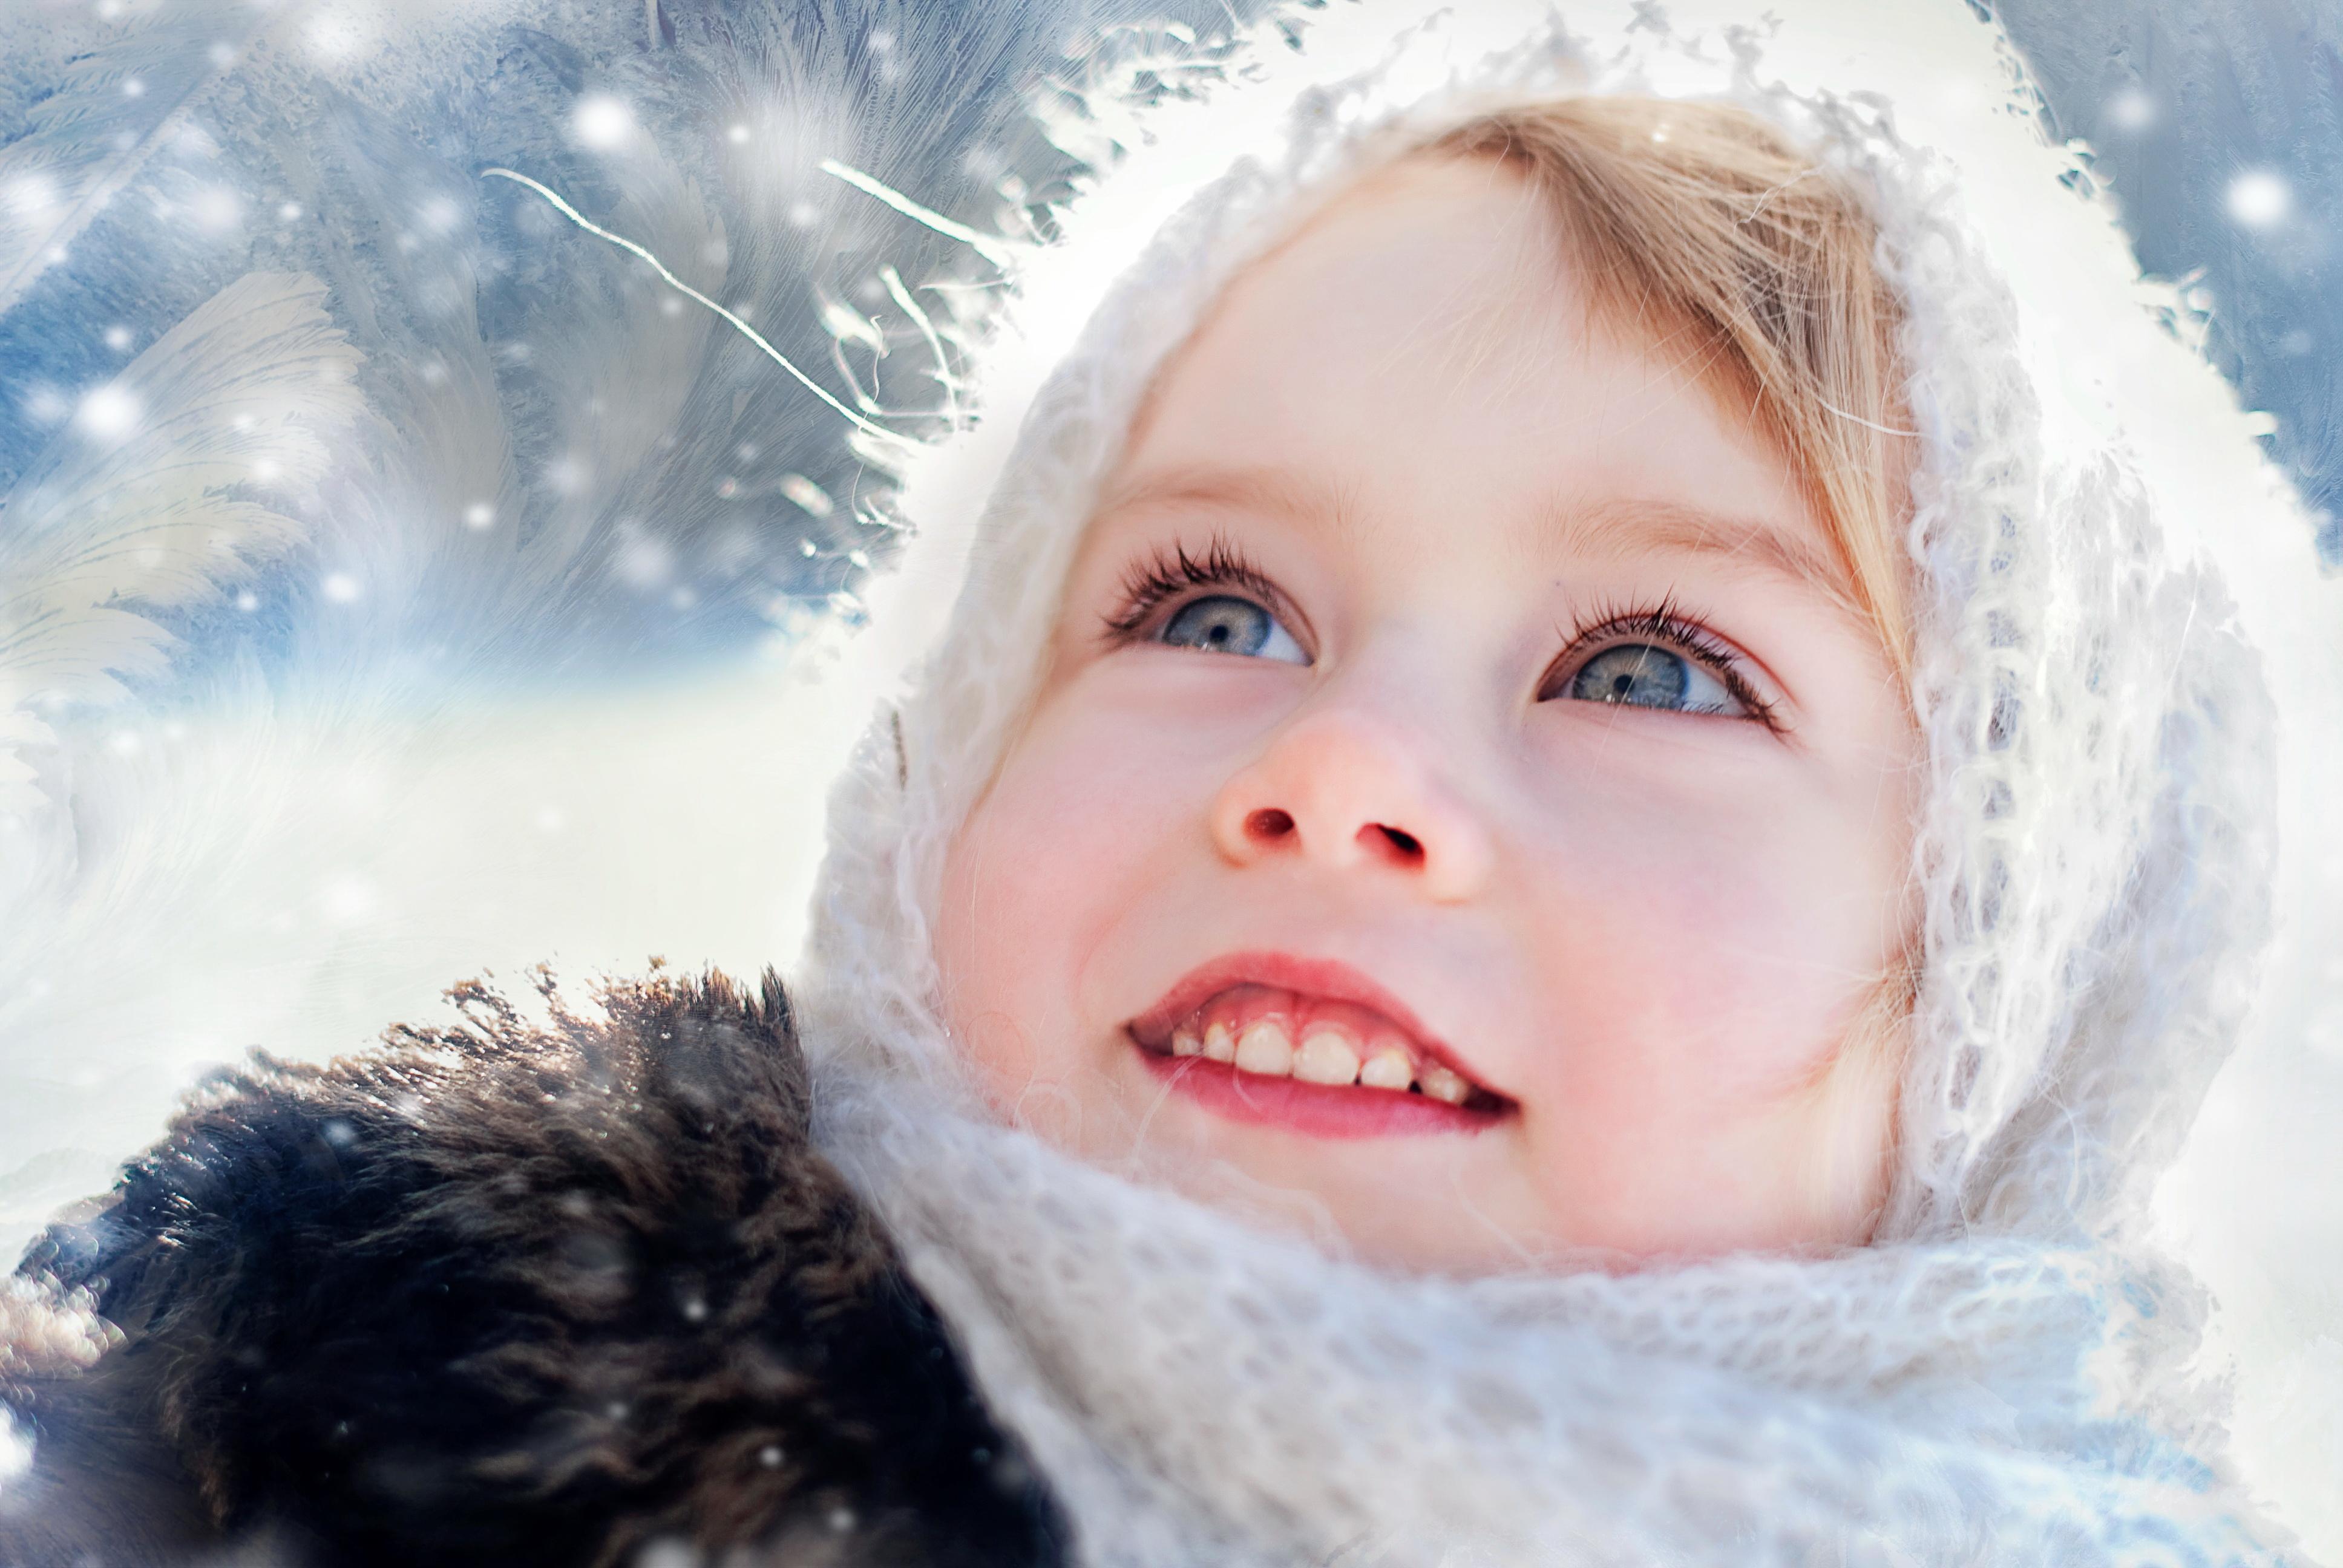 Открытки, зимняя картинка с ребенком